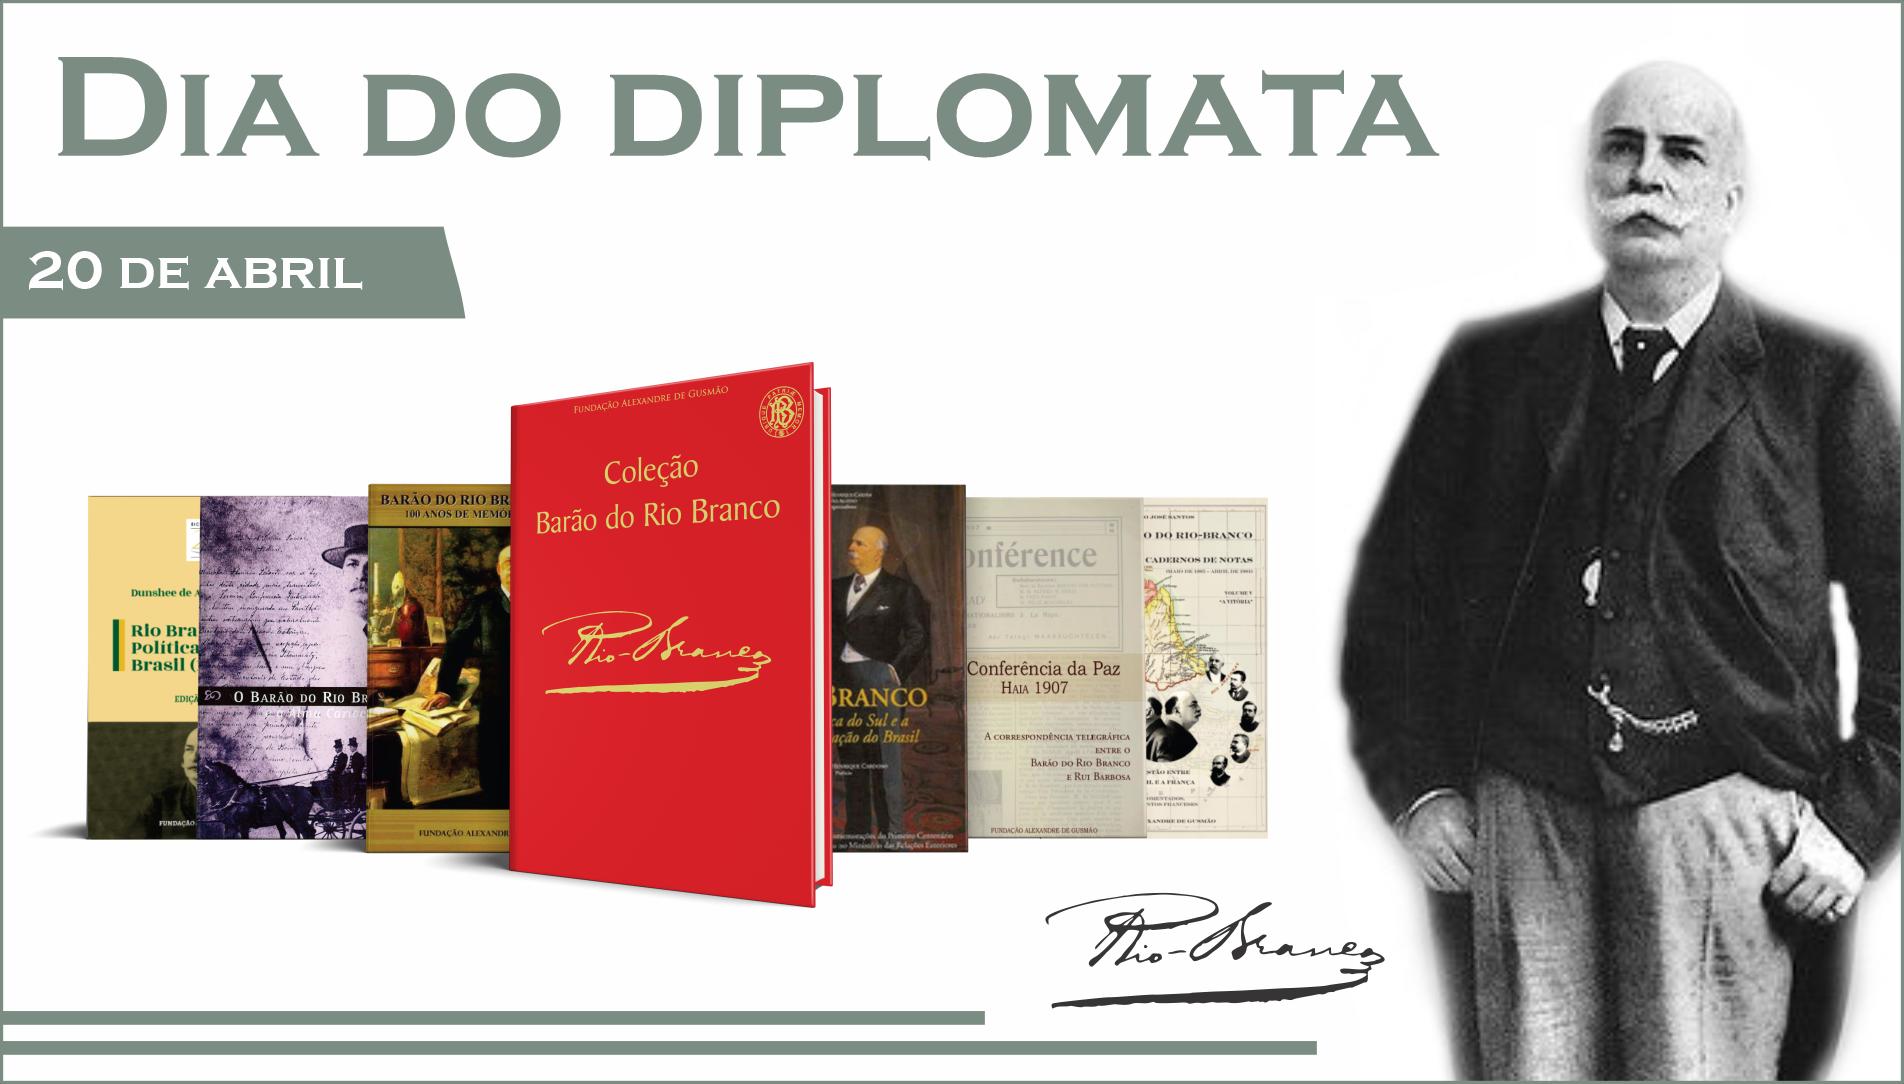 Dia do diplomata – obras sobre o Barão do Rio Branco